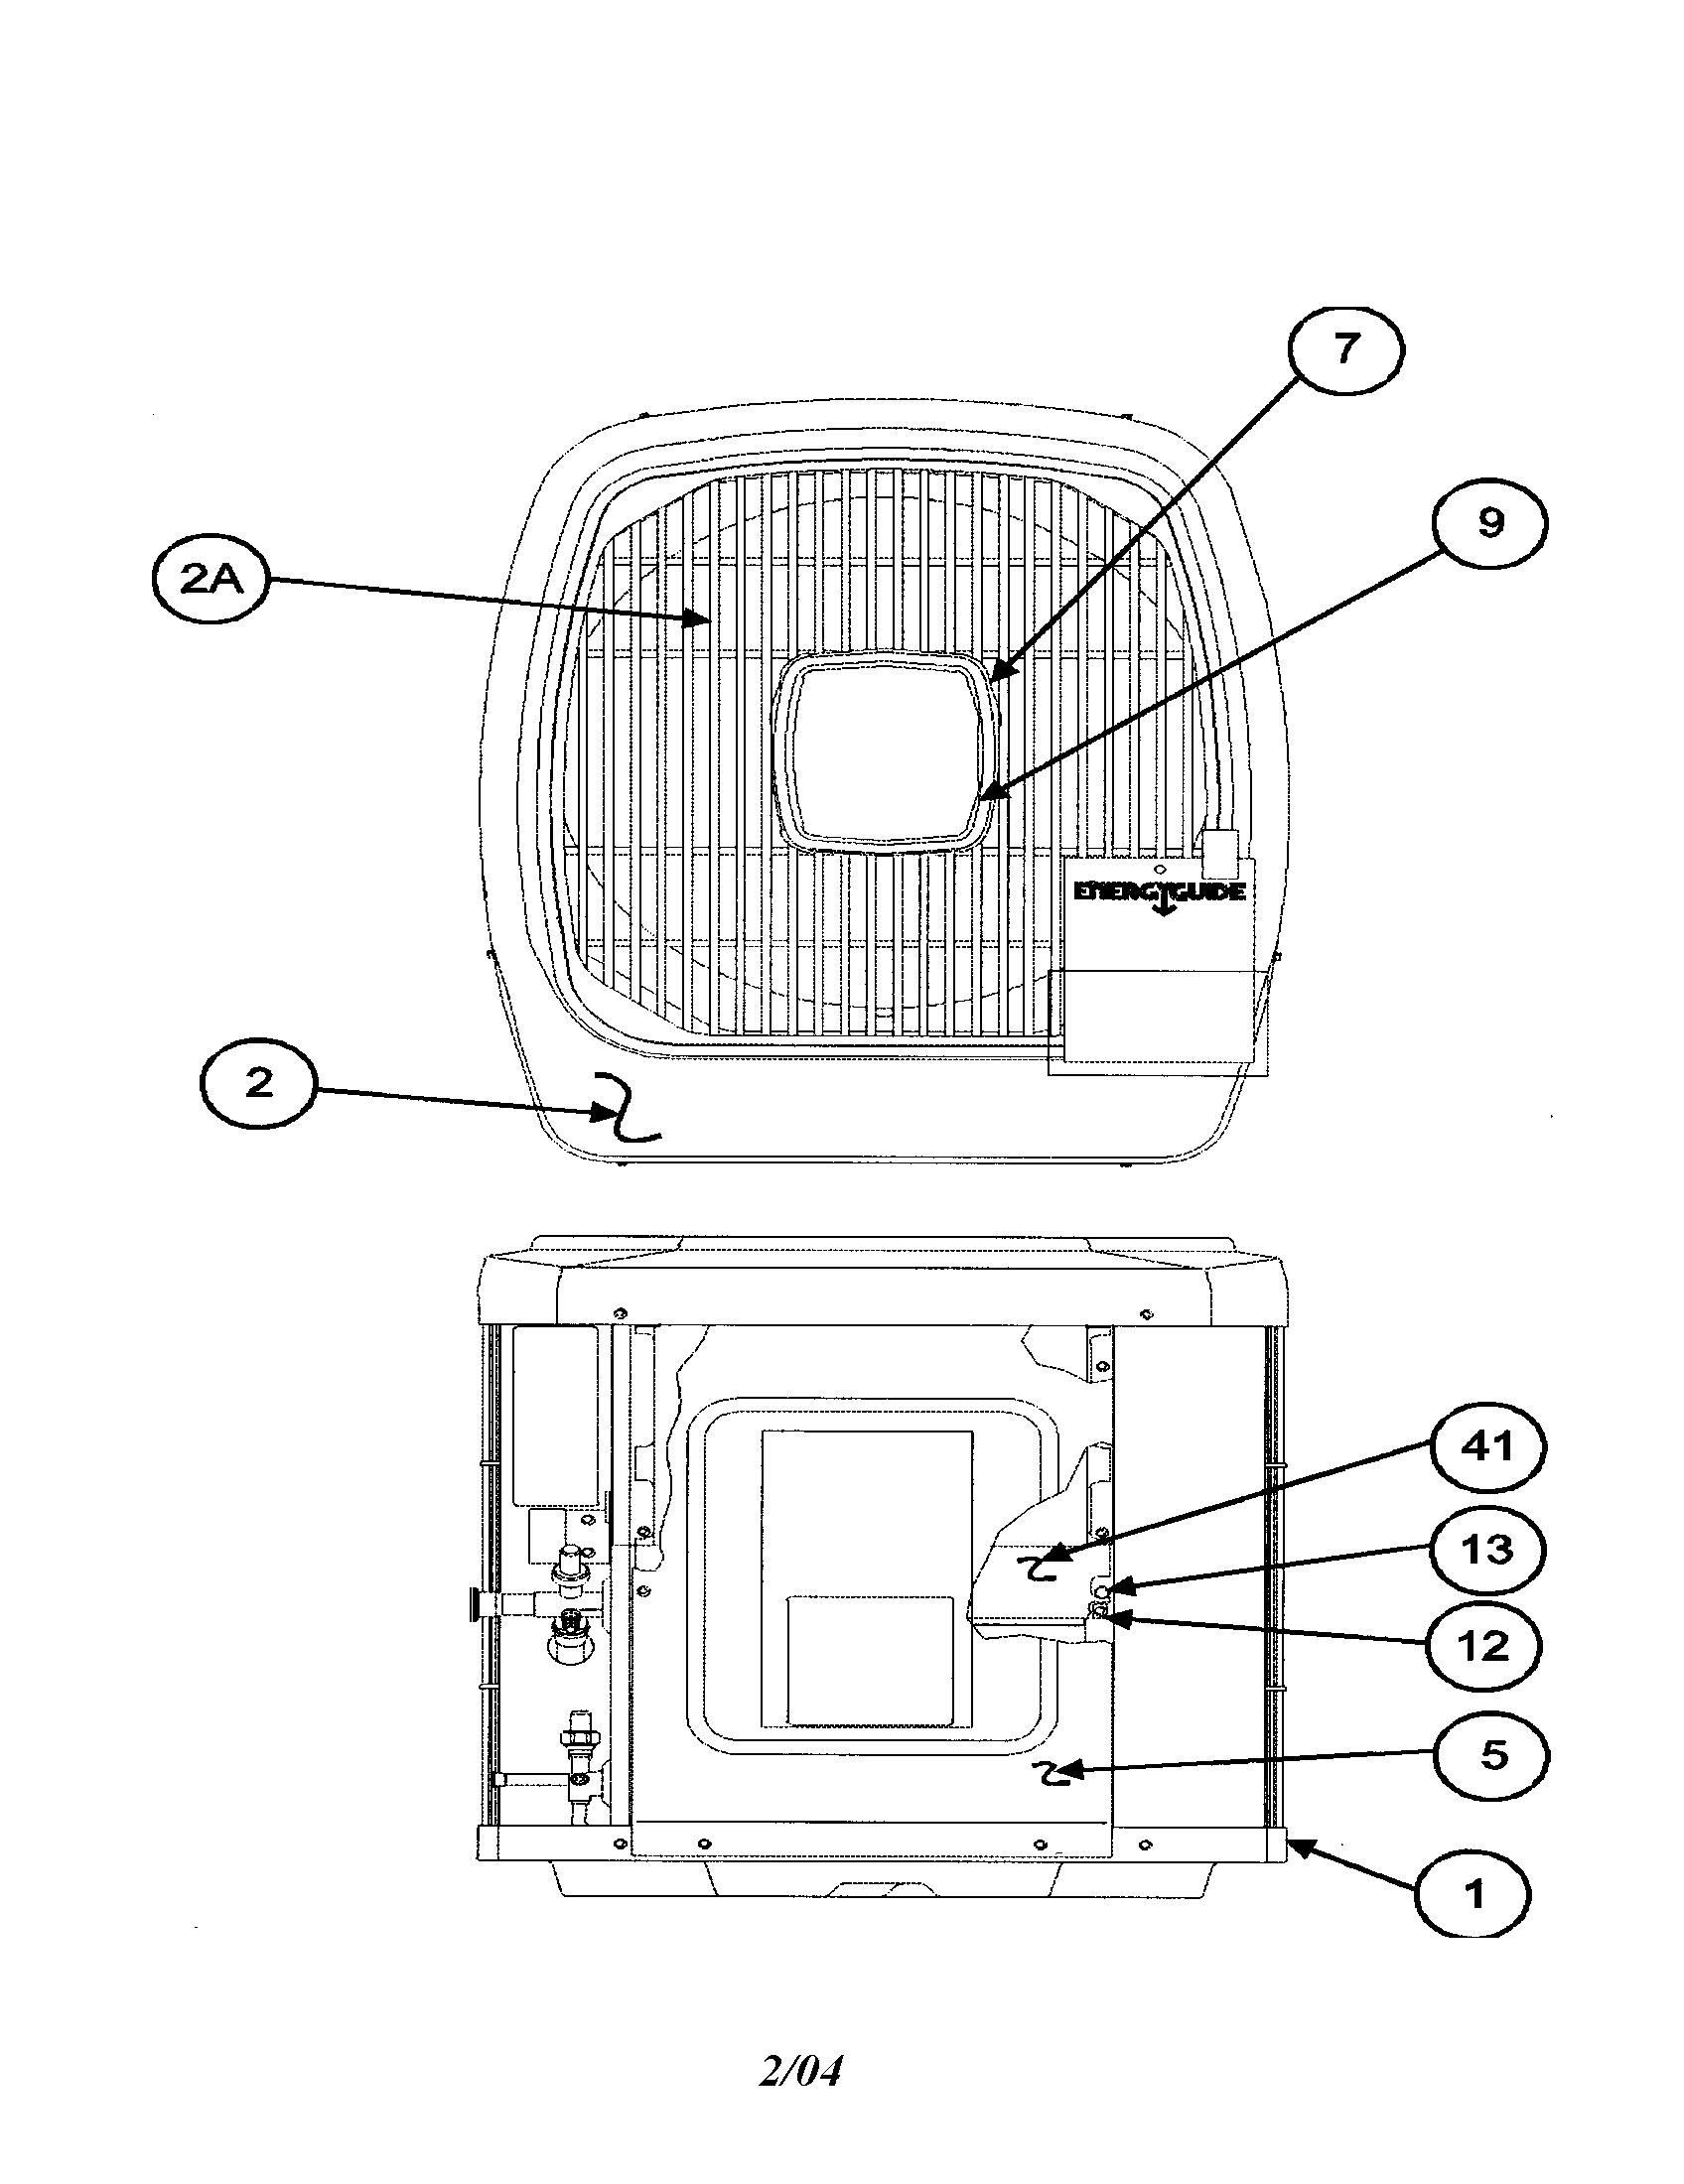 schematic diagram manual hitachi 57f520 projection color tv autocarrier condensing unit parts